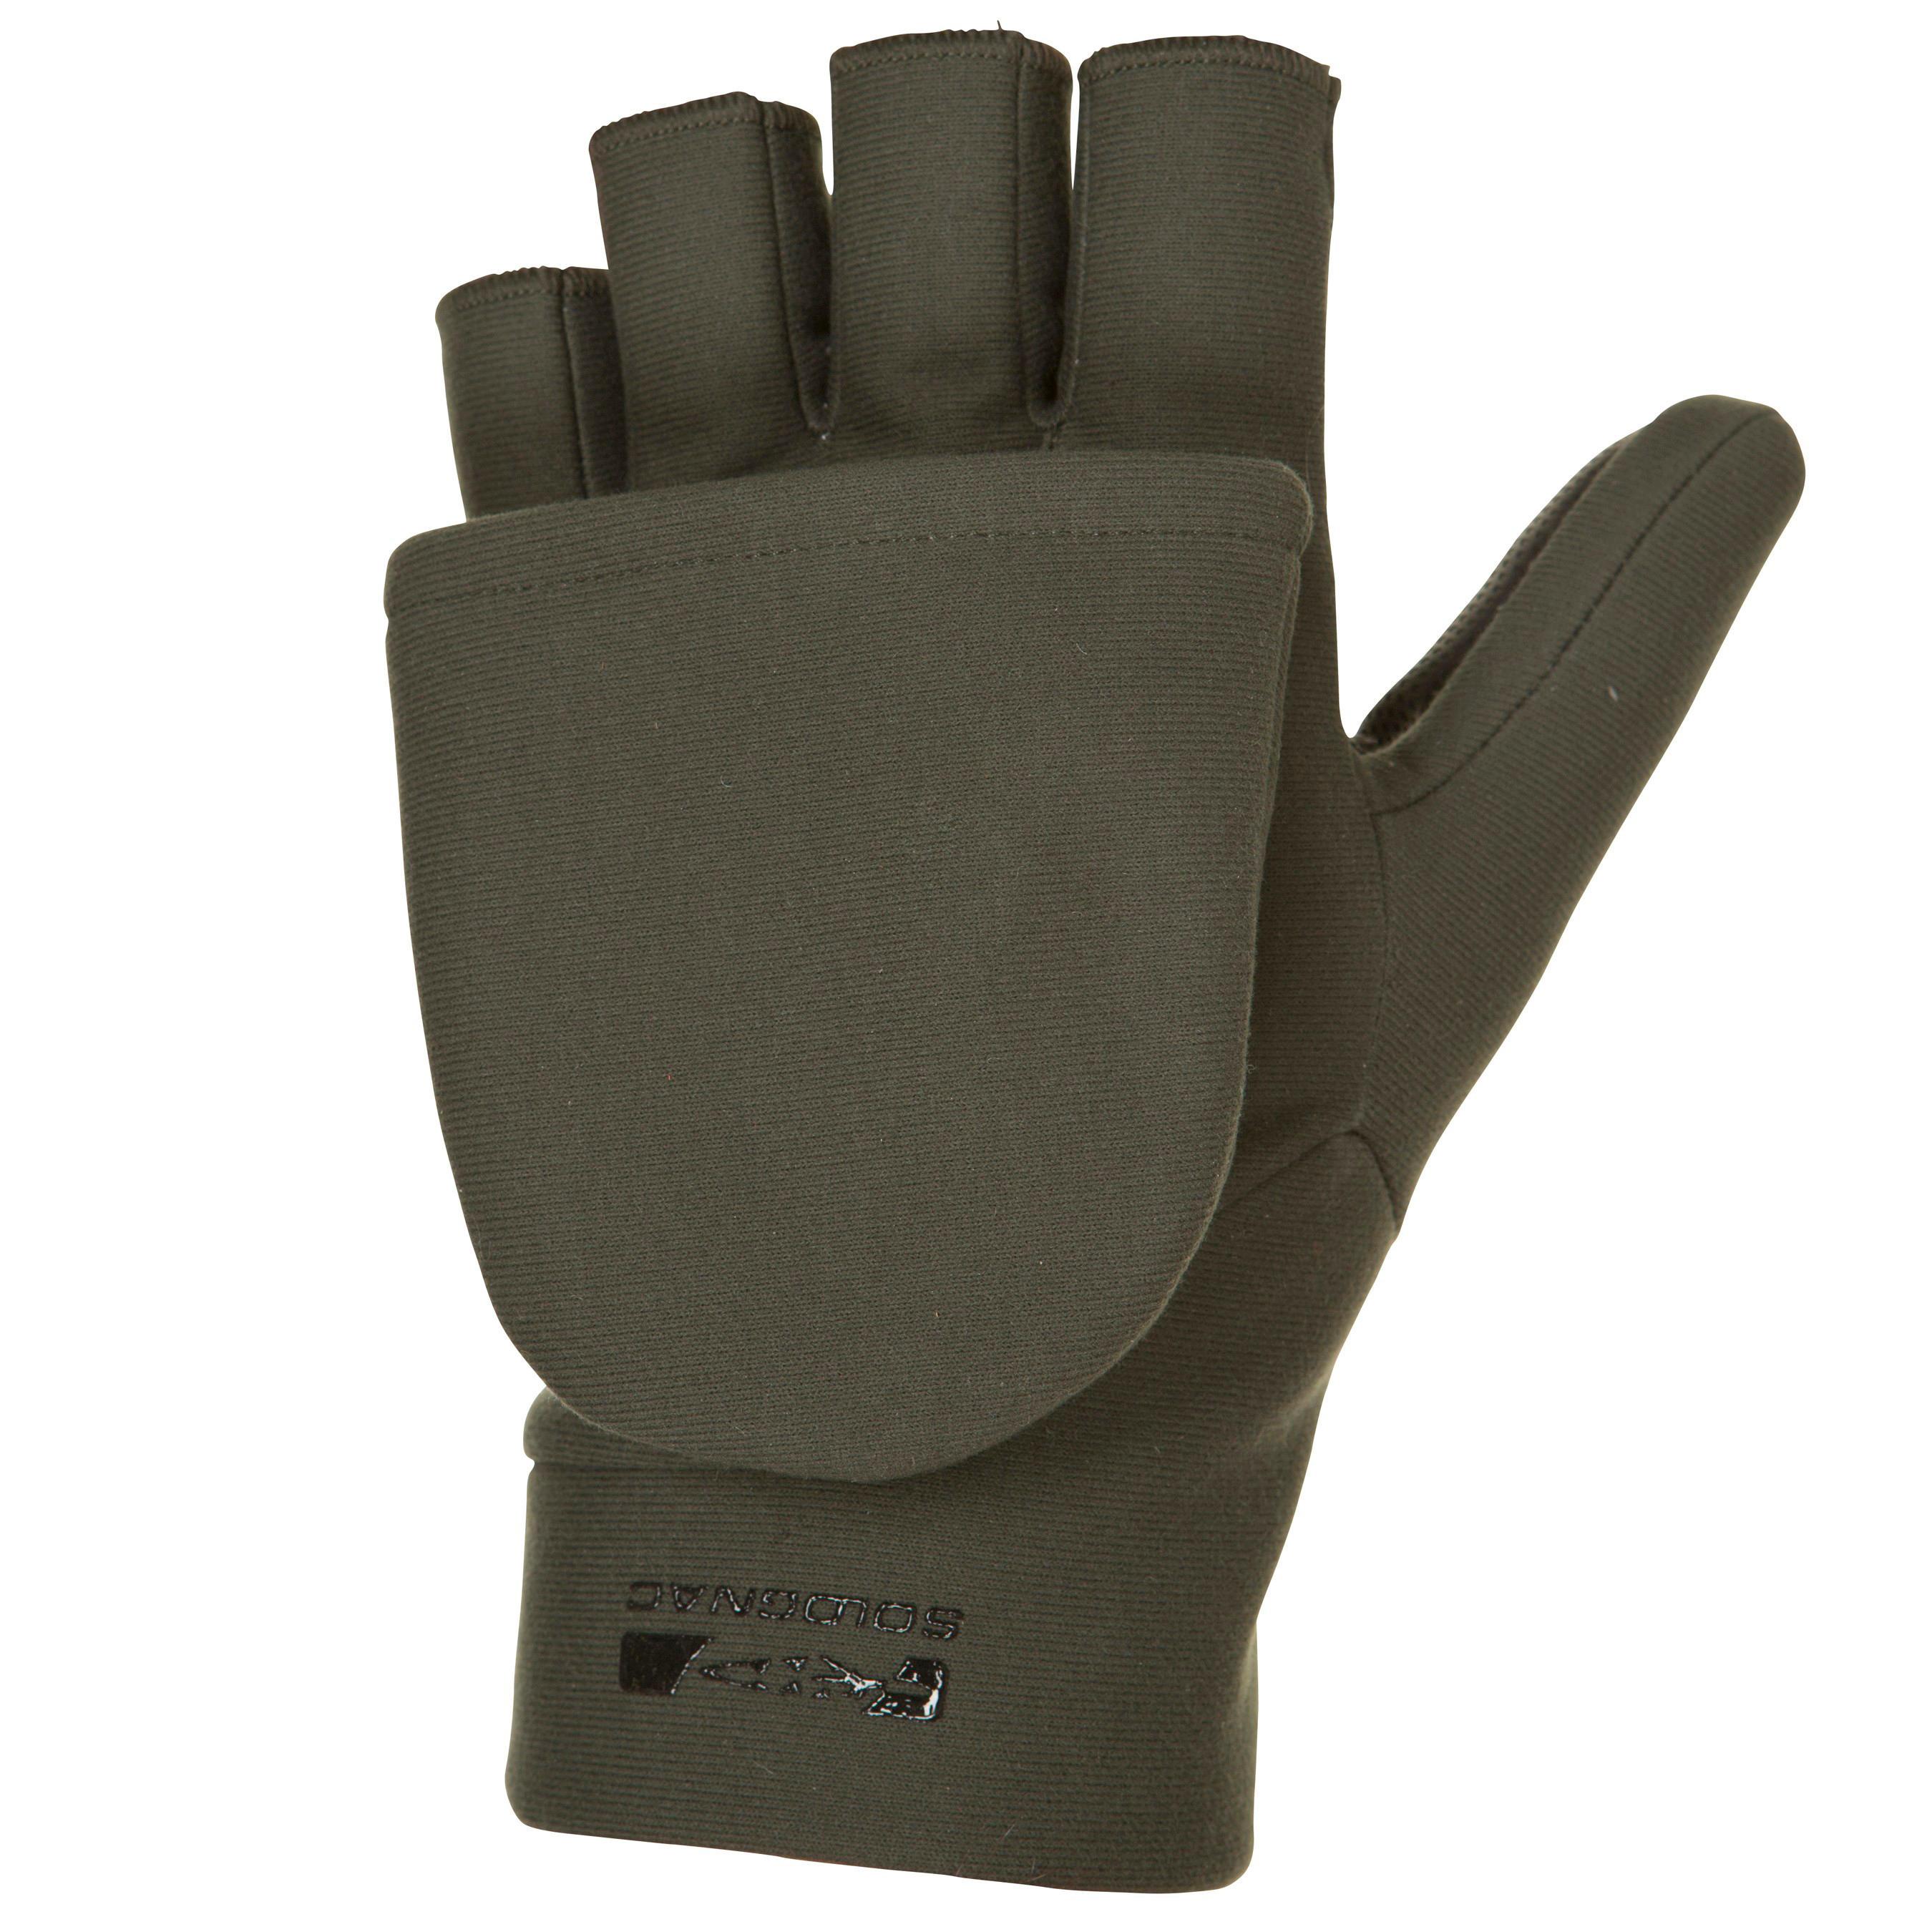 solognac handschoenen zonder vingers voor de jacht 500 softshell